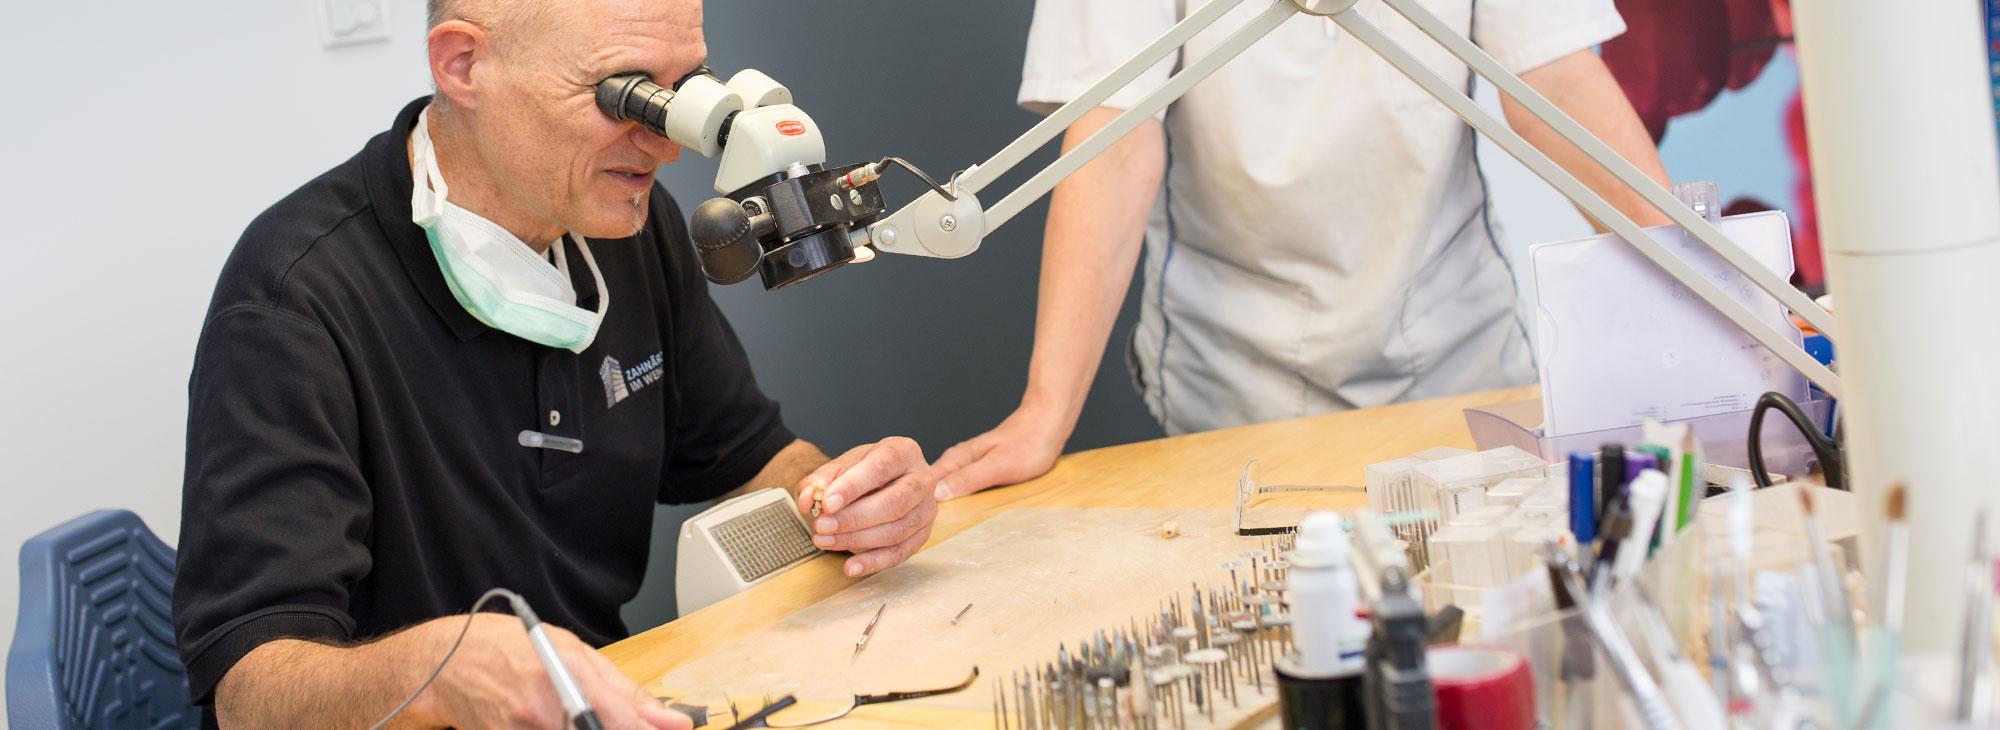 Der Zahntechniker Klaus Petretschek der Zahnarztpraxis Zahnärzte im Wengentor in Ulm bei der Herstellung eines hochwertigen und ästhetisch perfekten Zahnersatz